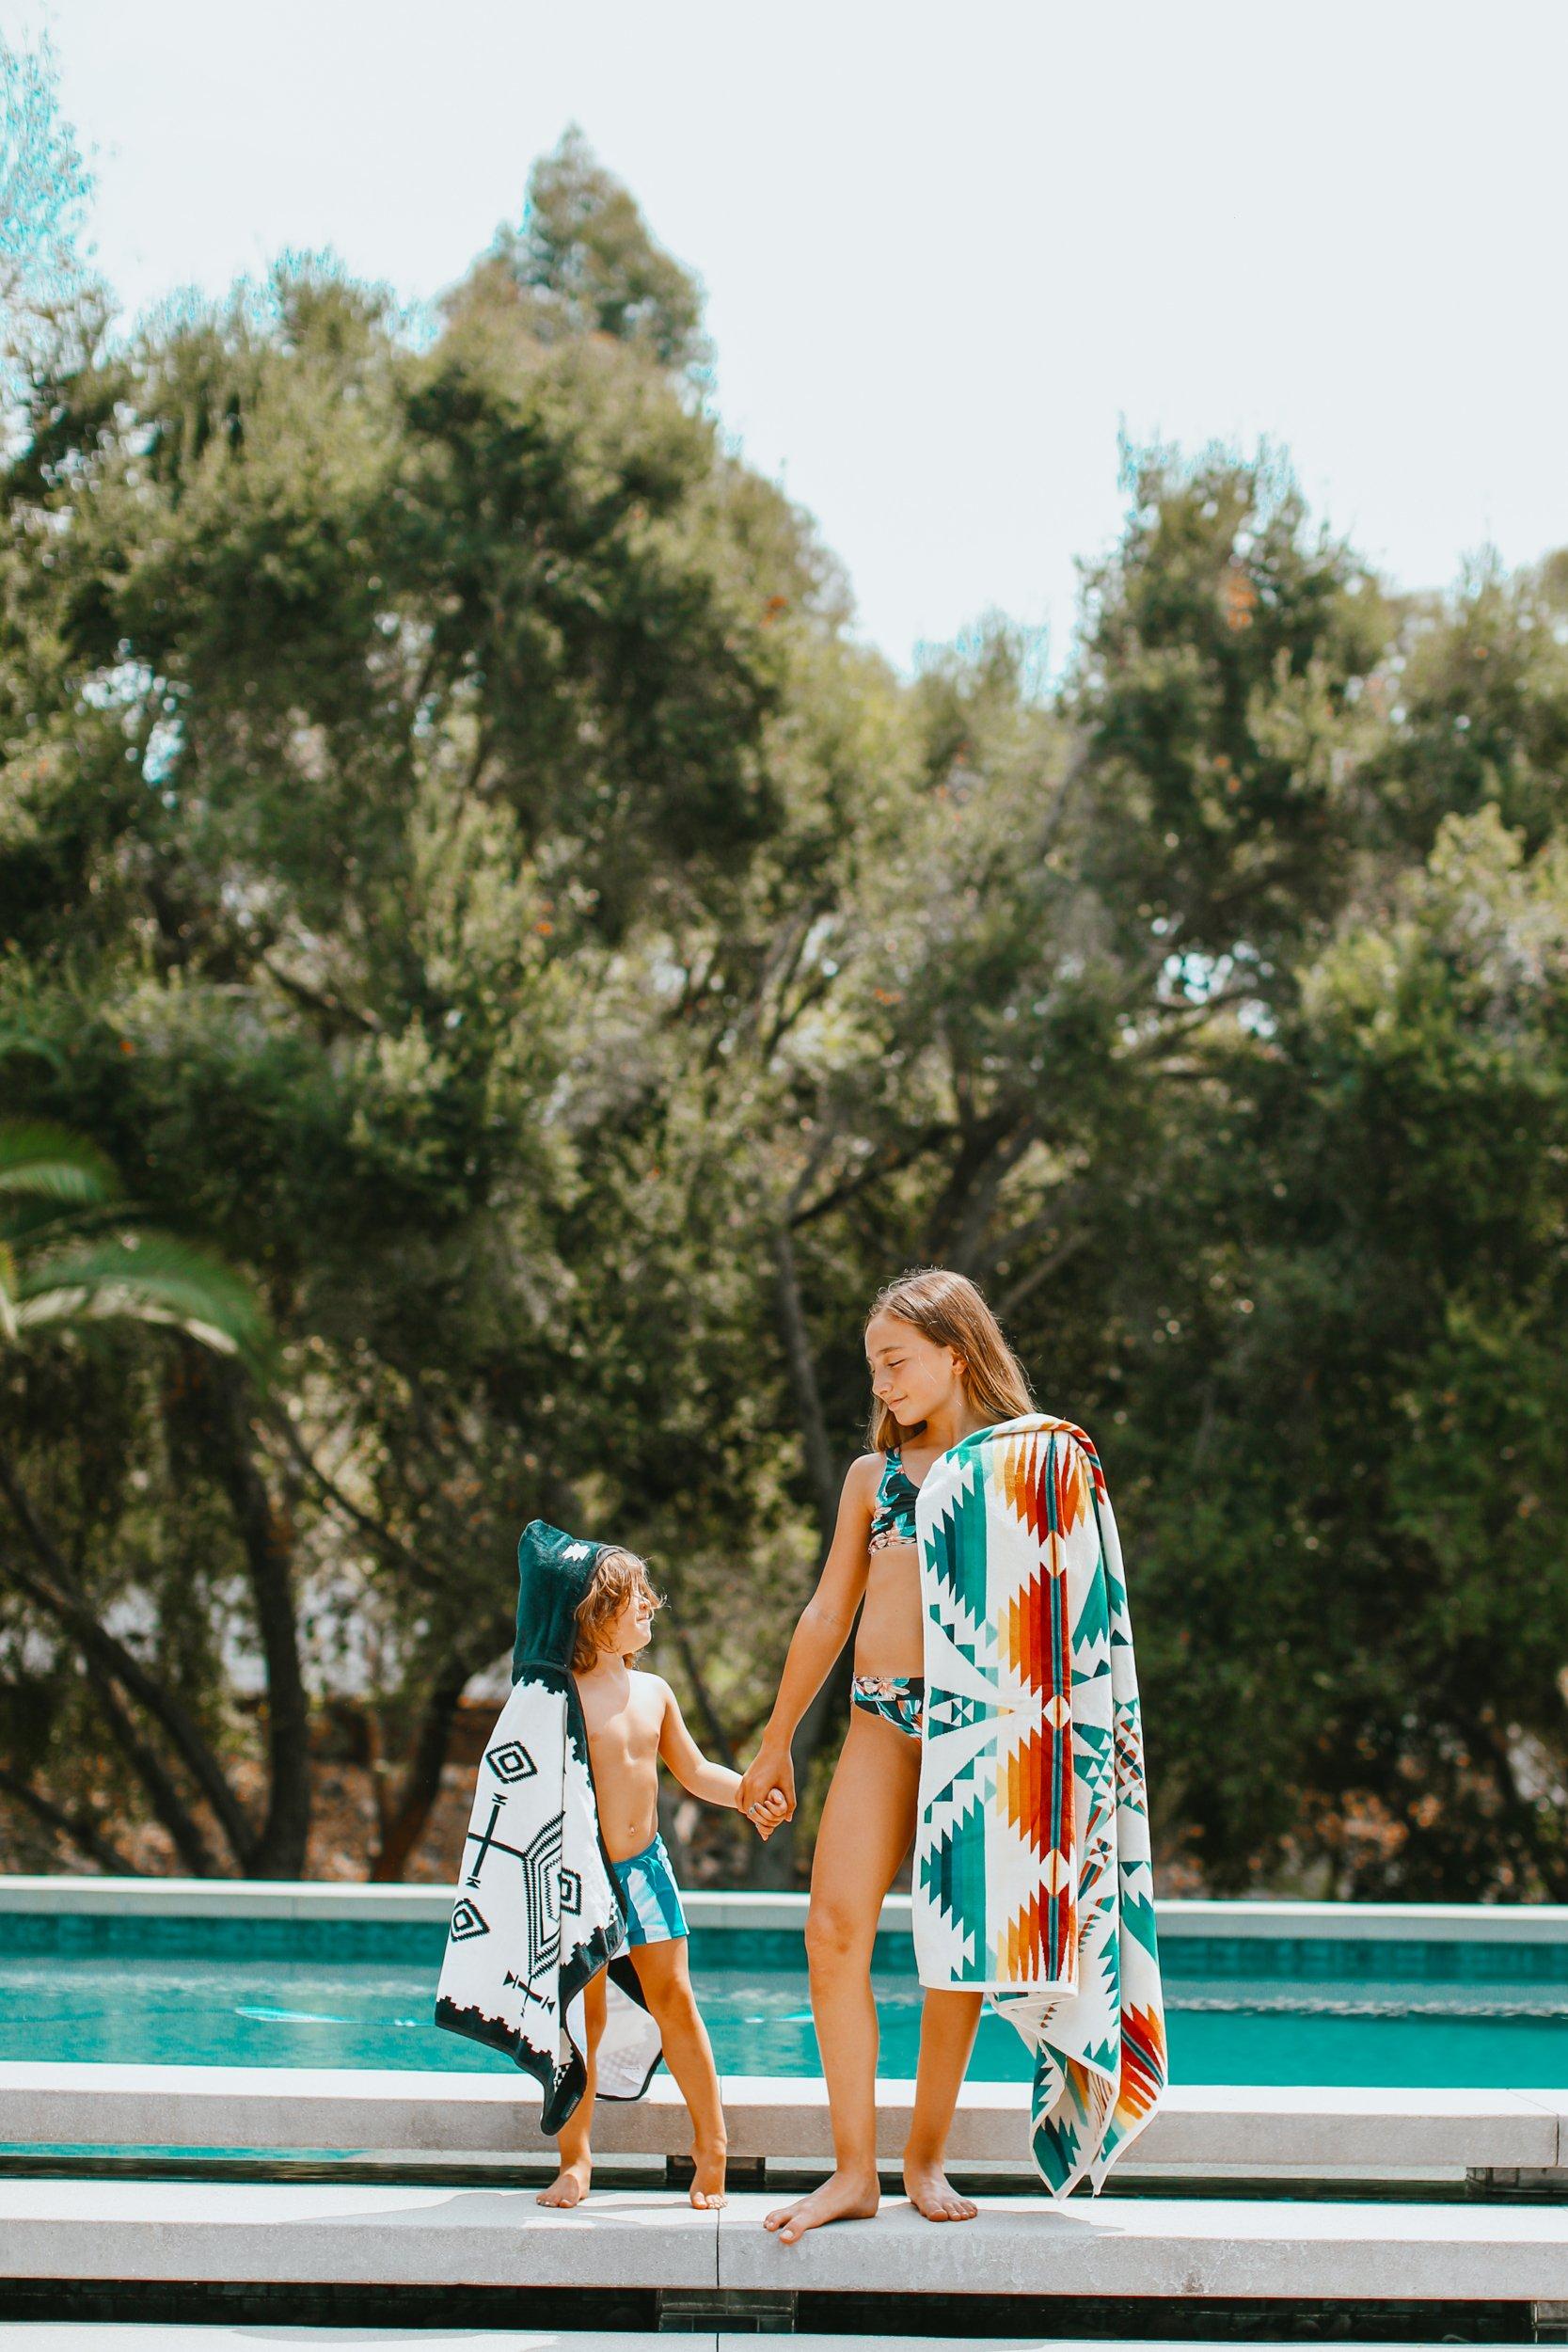 siblings by pool